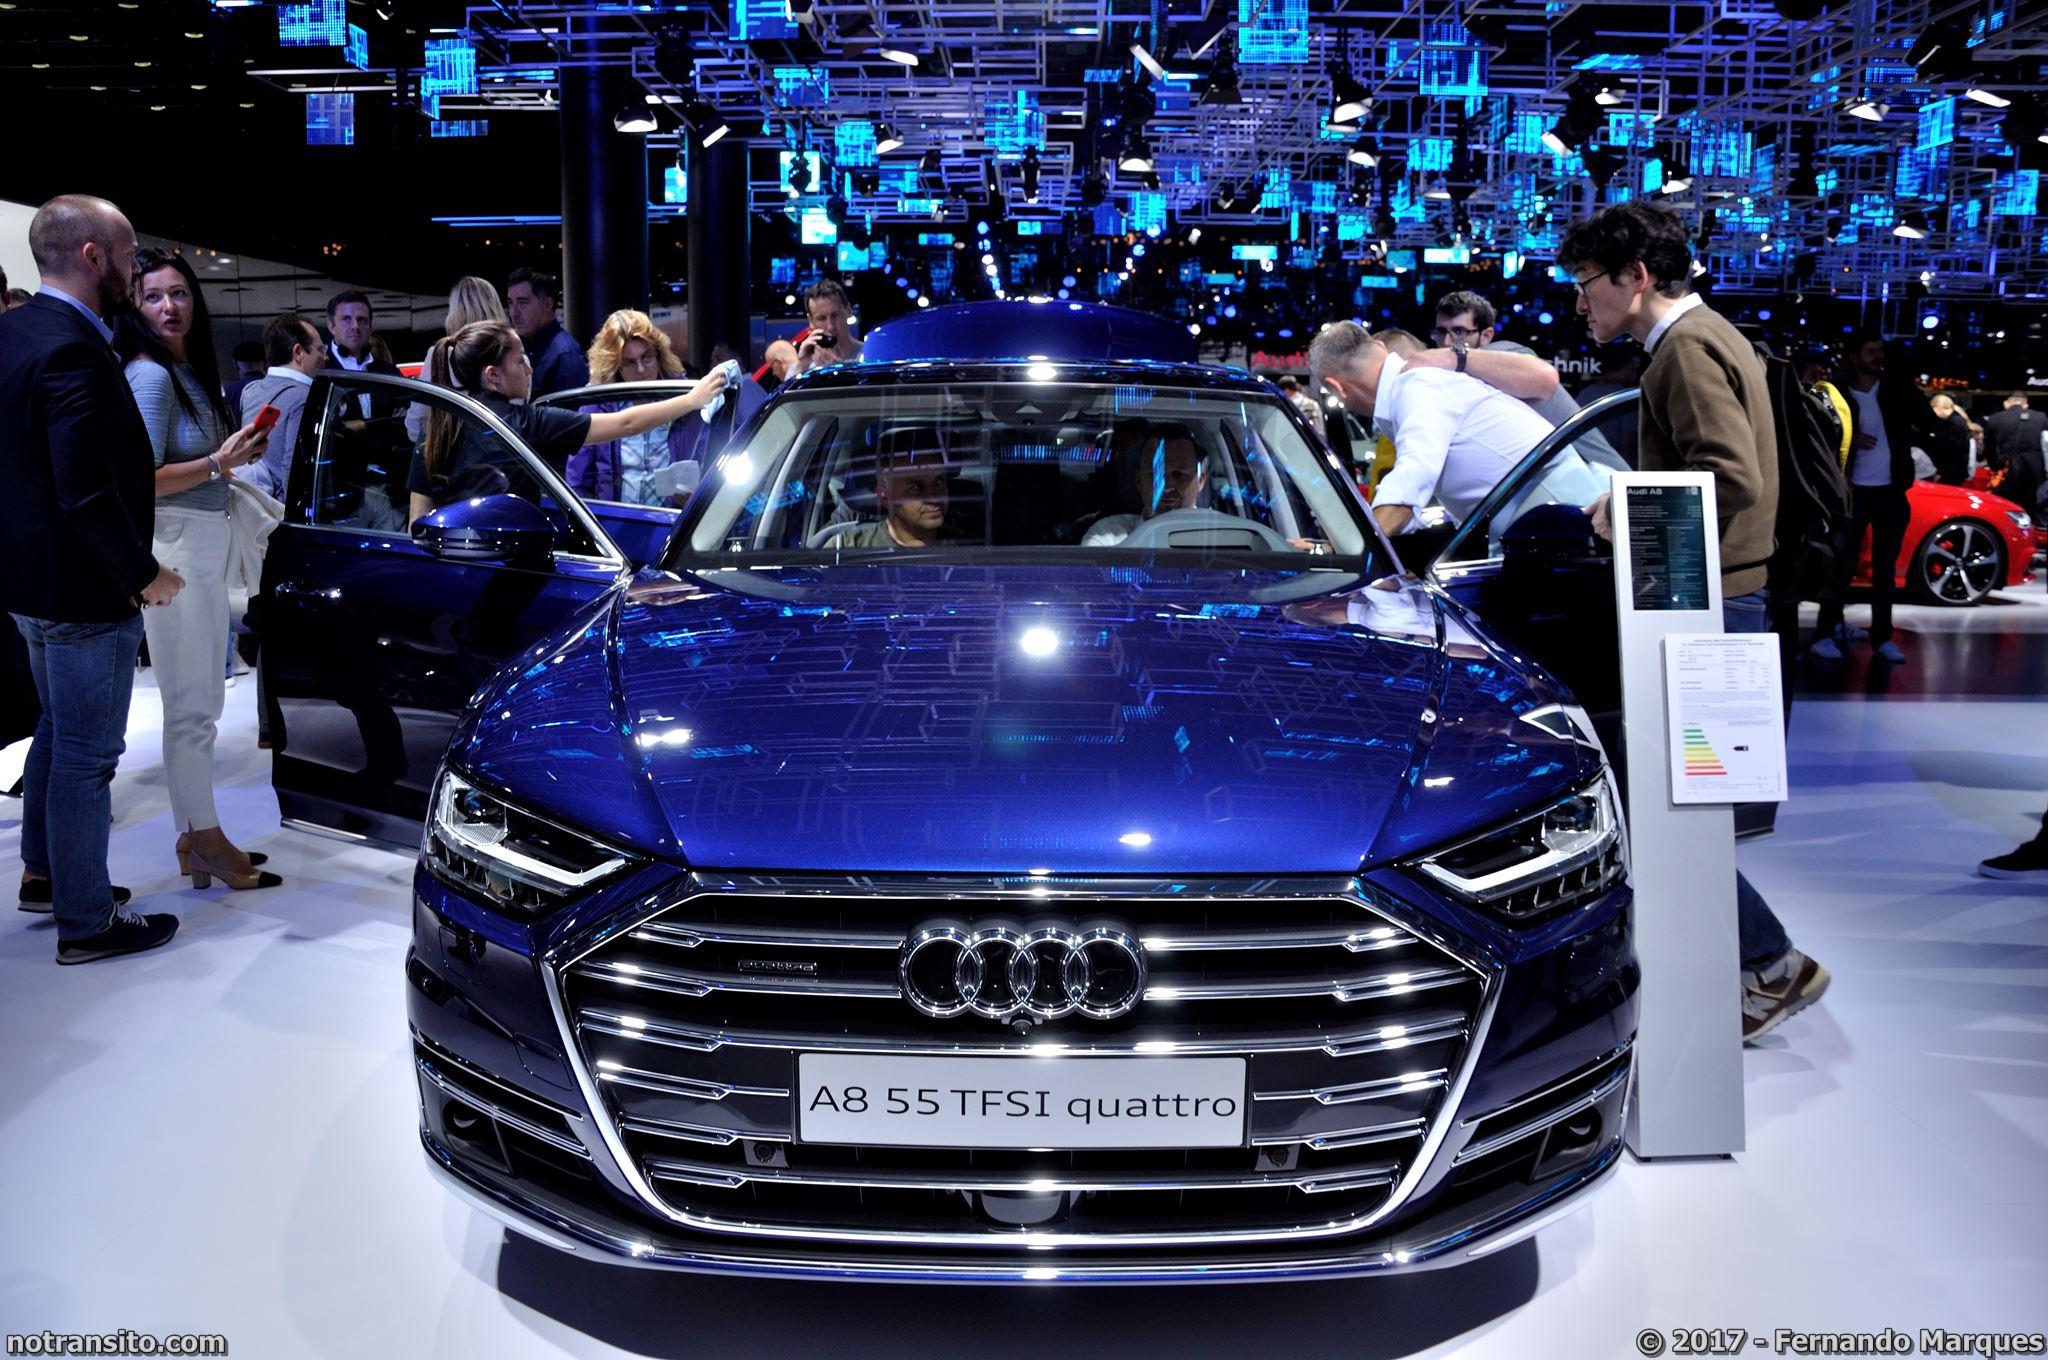 Audi-A8-Frankfurt-2017-001